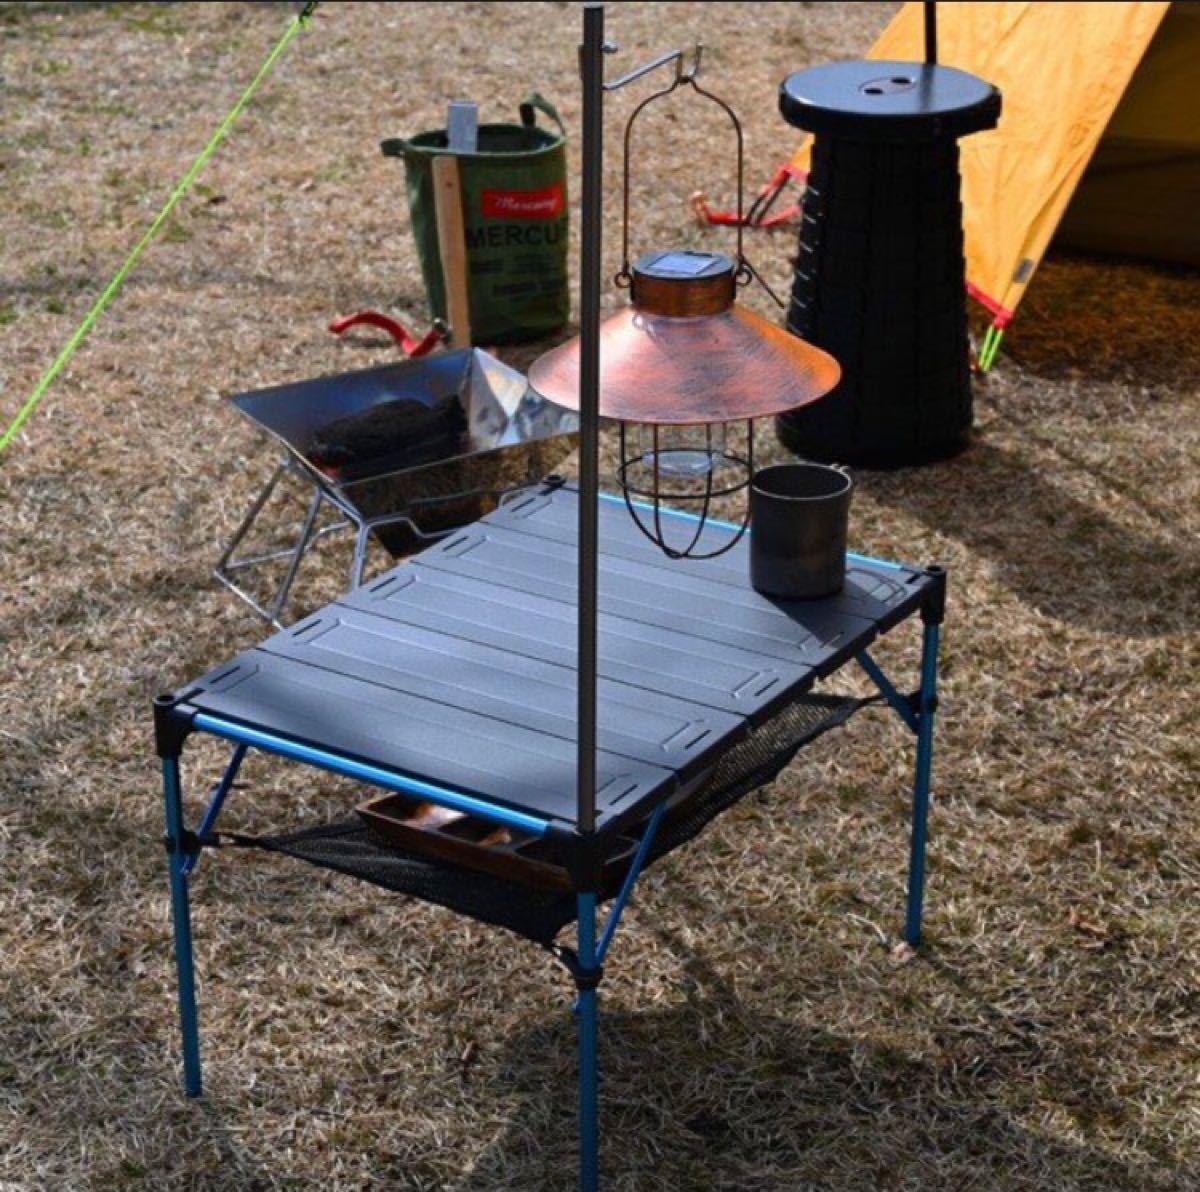 新品未使用未開封・アウトドアテーブル キャンプテーブル